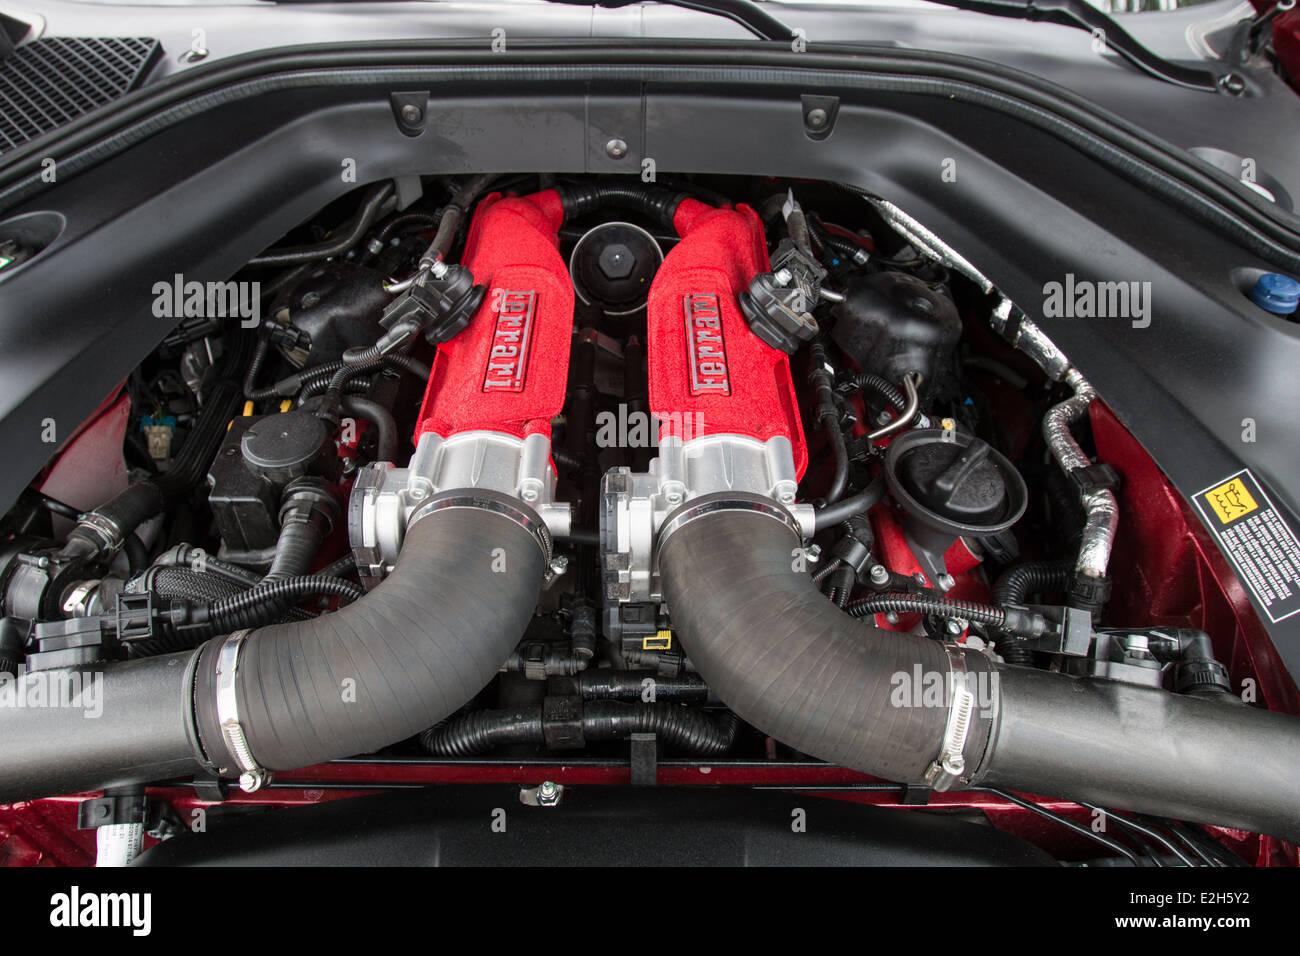 Ferrari california t engine